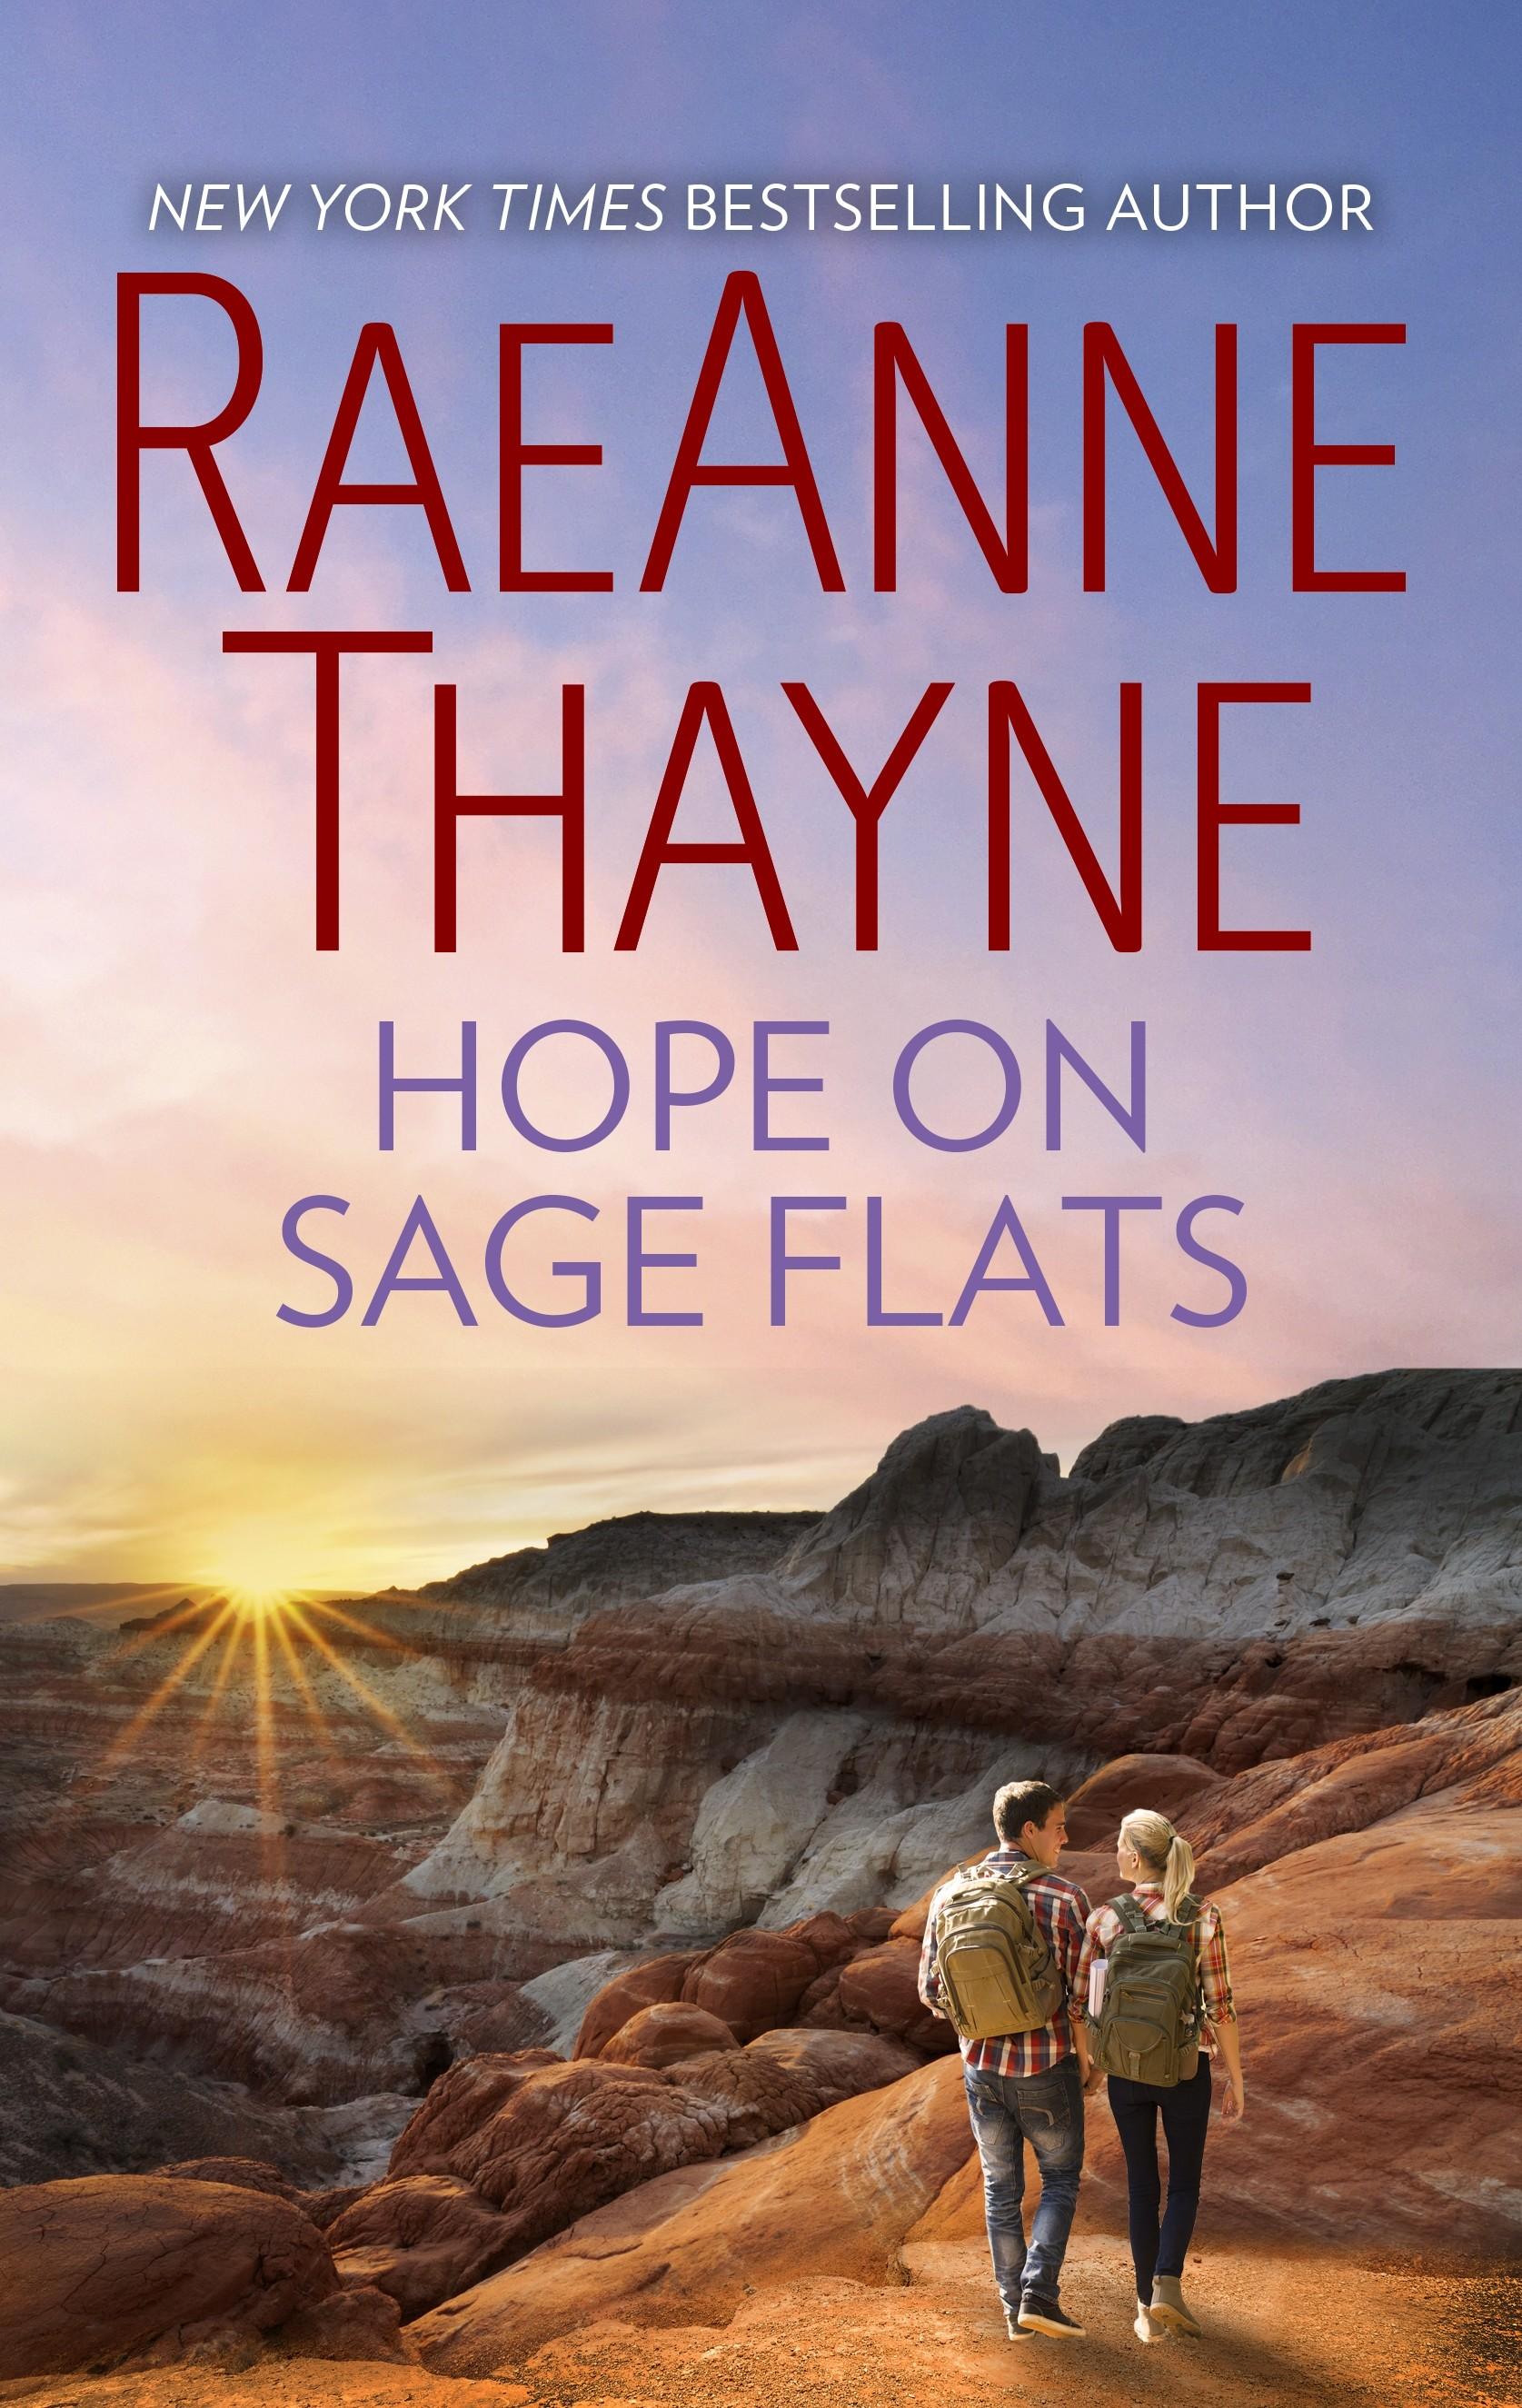 Hope on Sage Flats